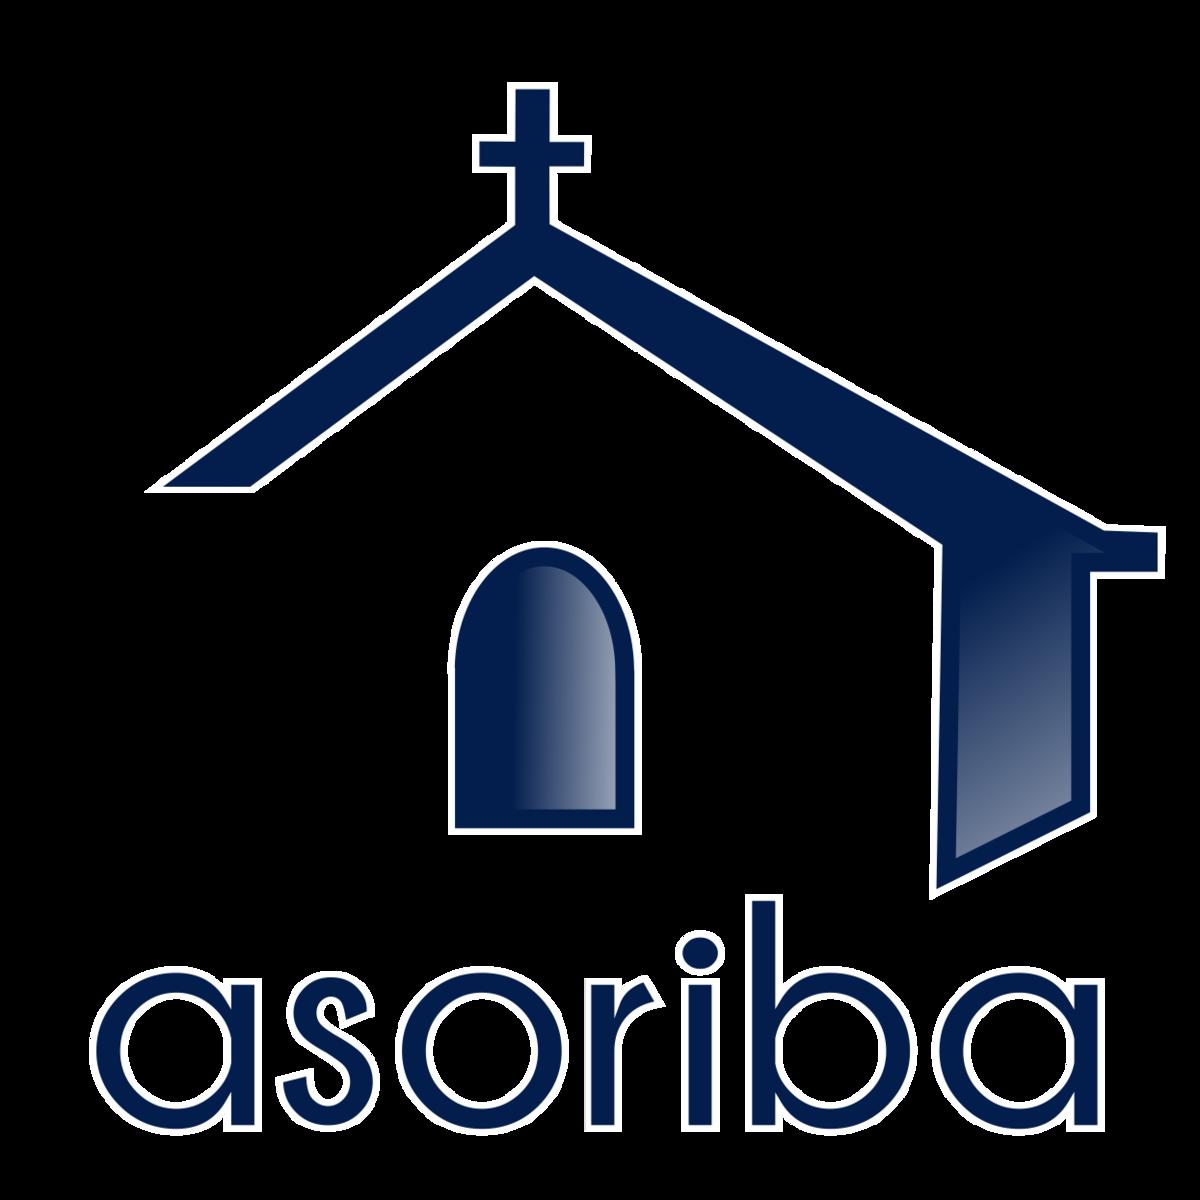 Asoriba wikipedia . Mission clipart church attendance